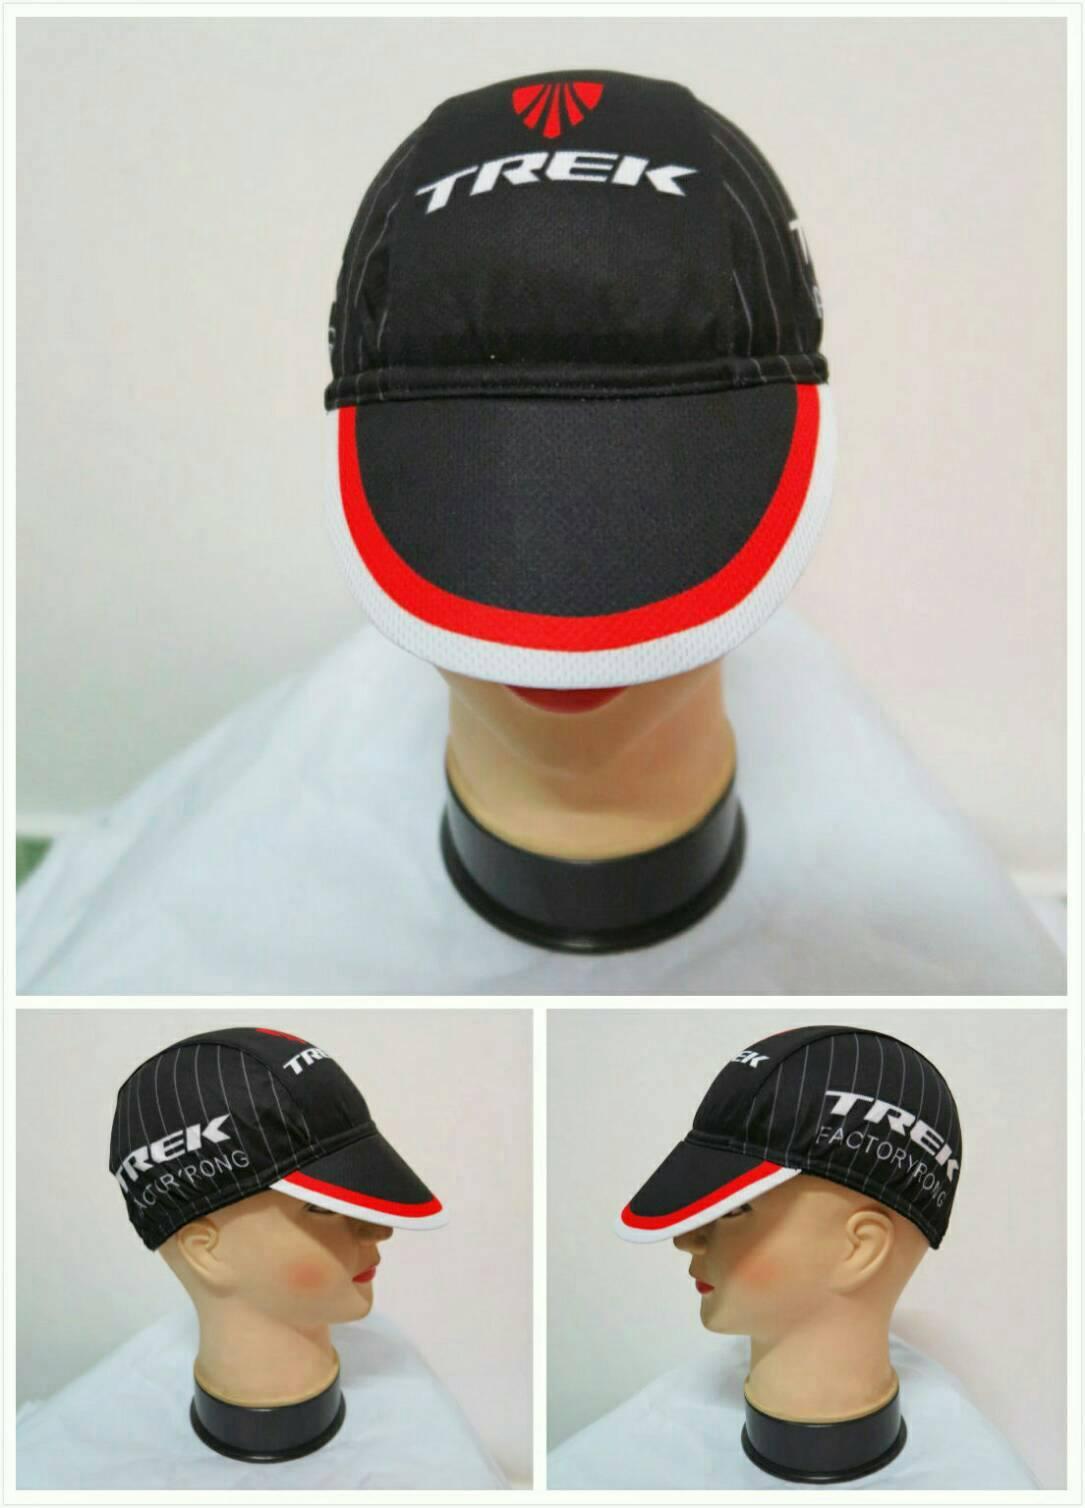 หมวกแก๊ป ลาย trek ดำแดง (แอดไลน์ @pinpinbike ใส่ @ ข้างหน้าด้วยนะคะ)